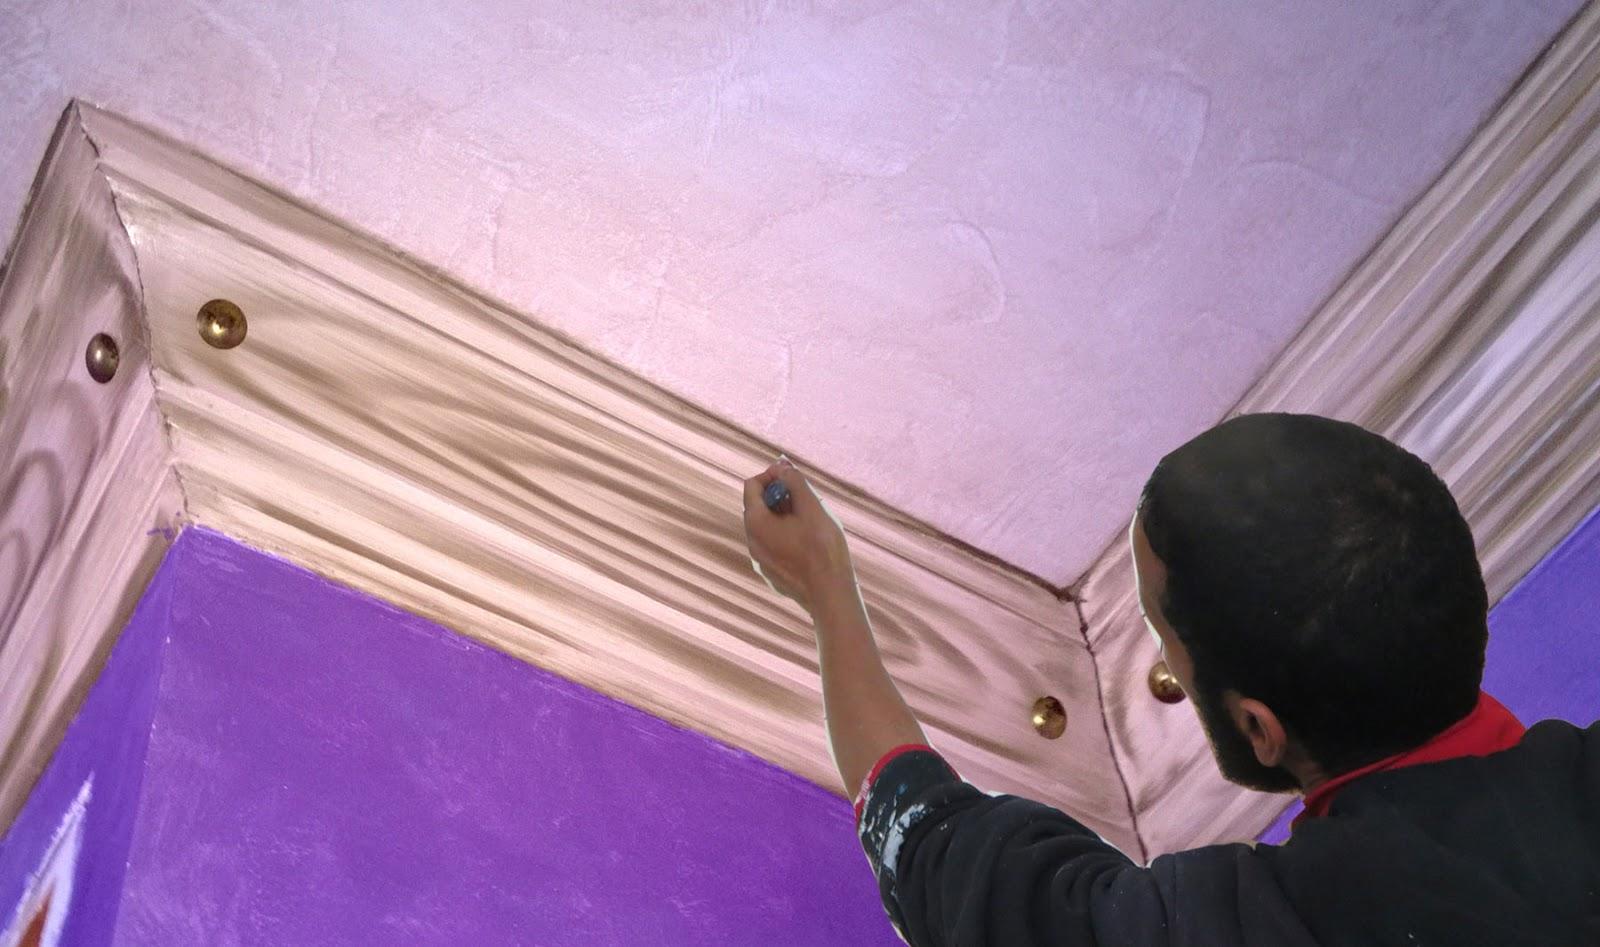 طريقة عمل ديكور شبيه بالخشب في كرانيش الجبس الحلقة 4